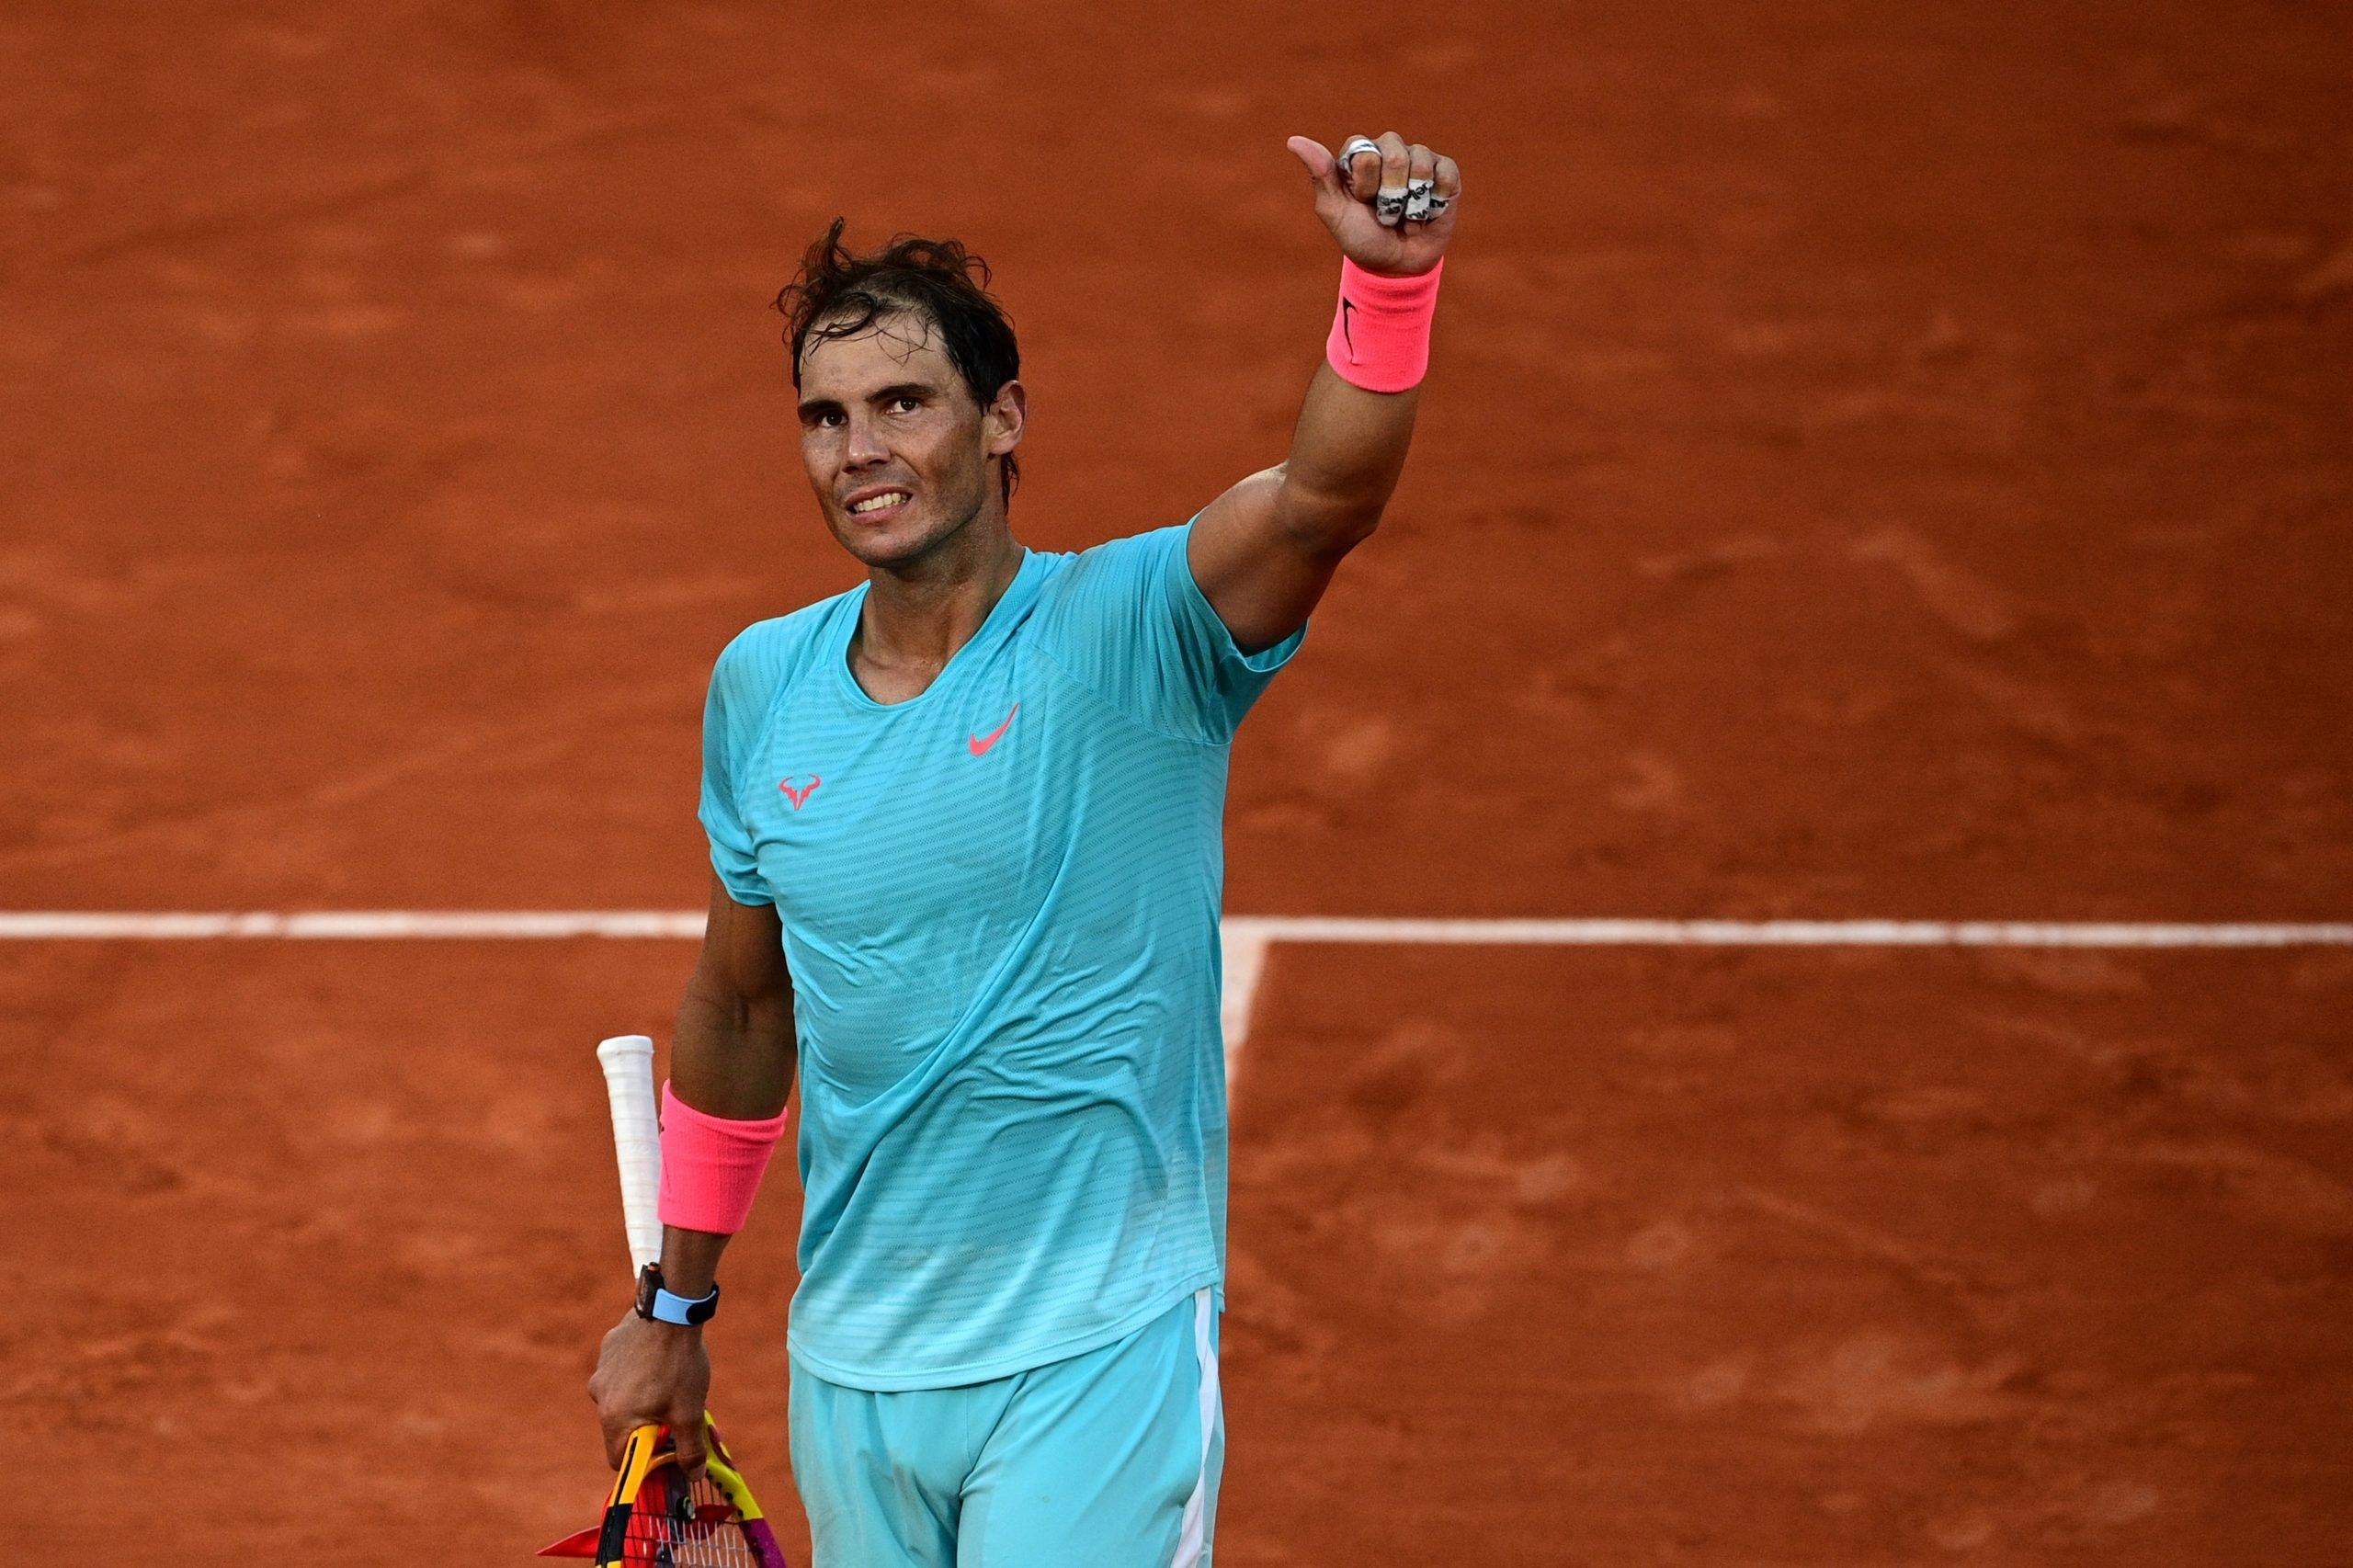 """Władze Madrytu chcą uhonorować Nadala. Hiszpan ma jedno """"ale"""""""